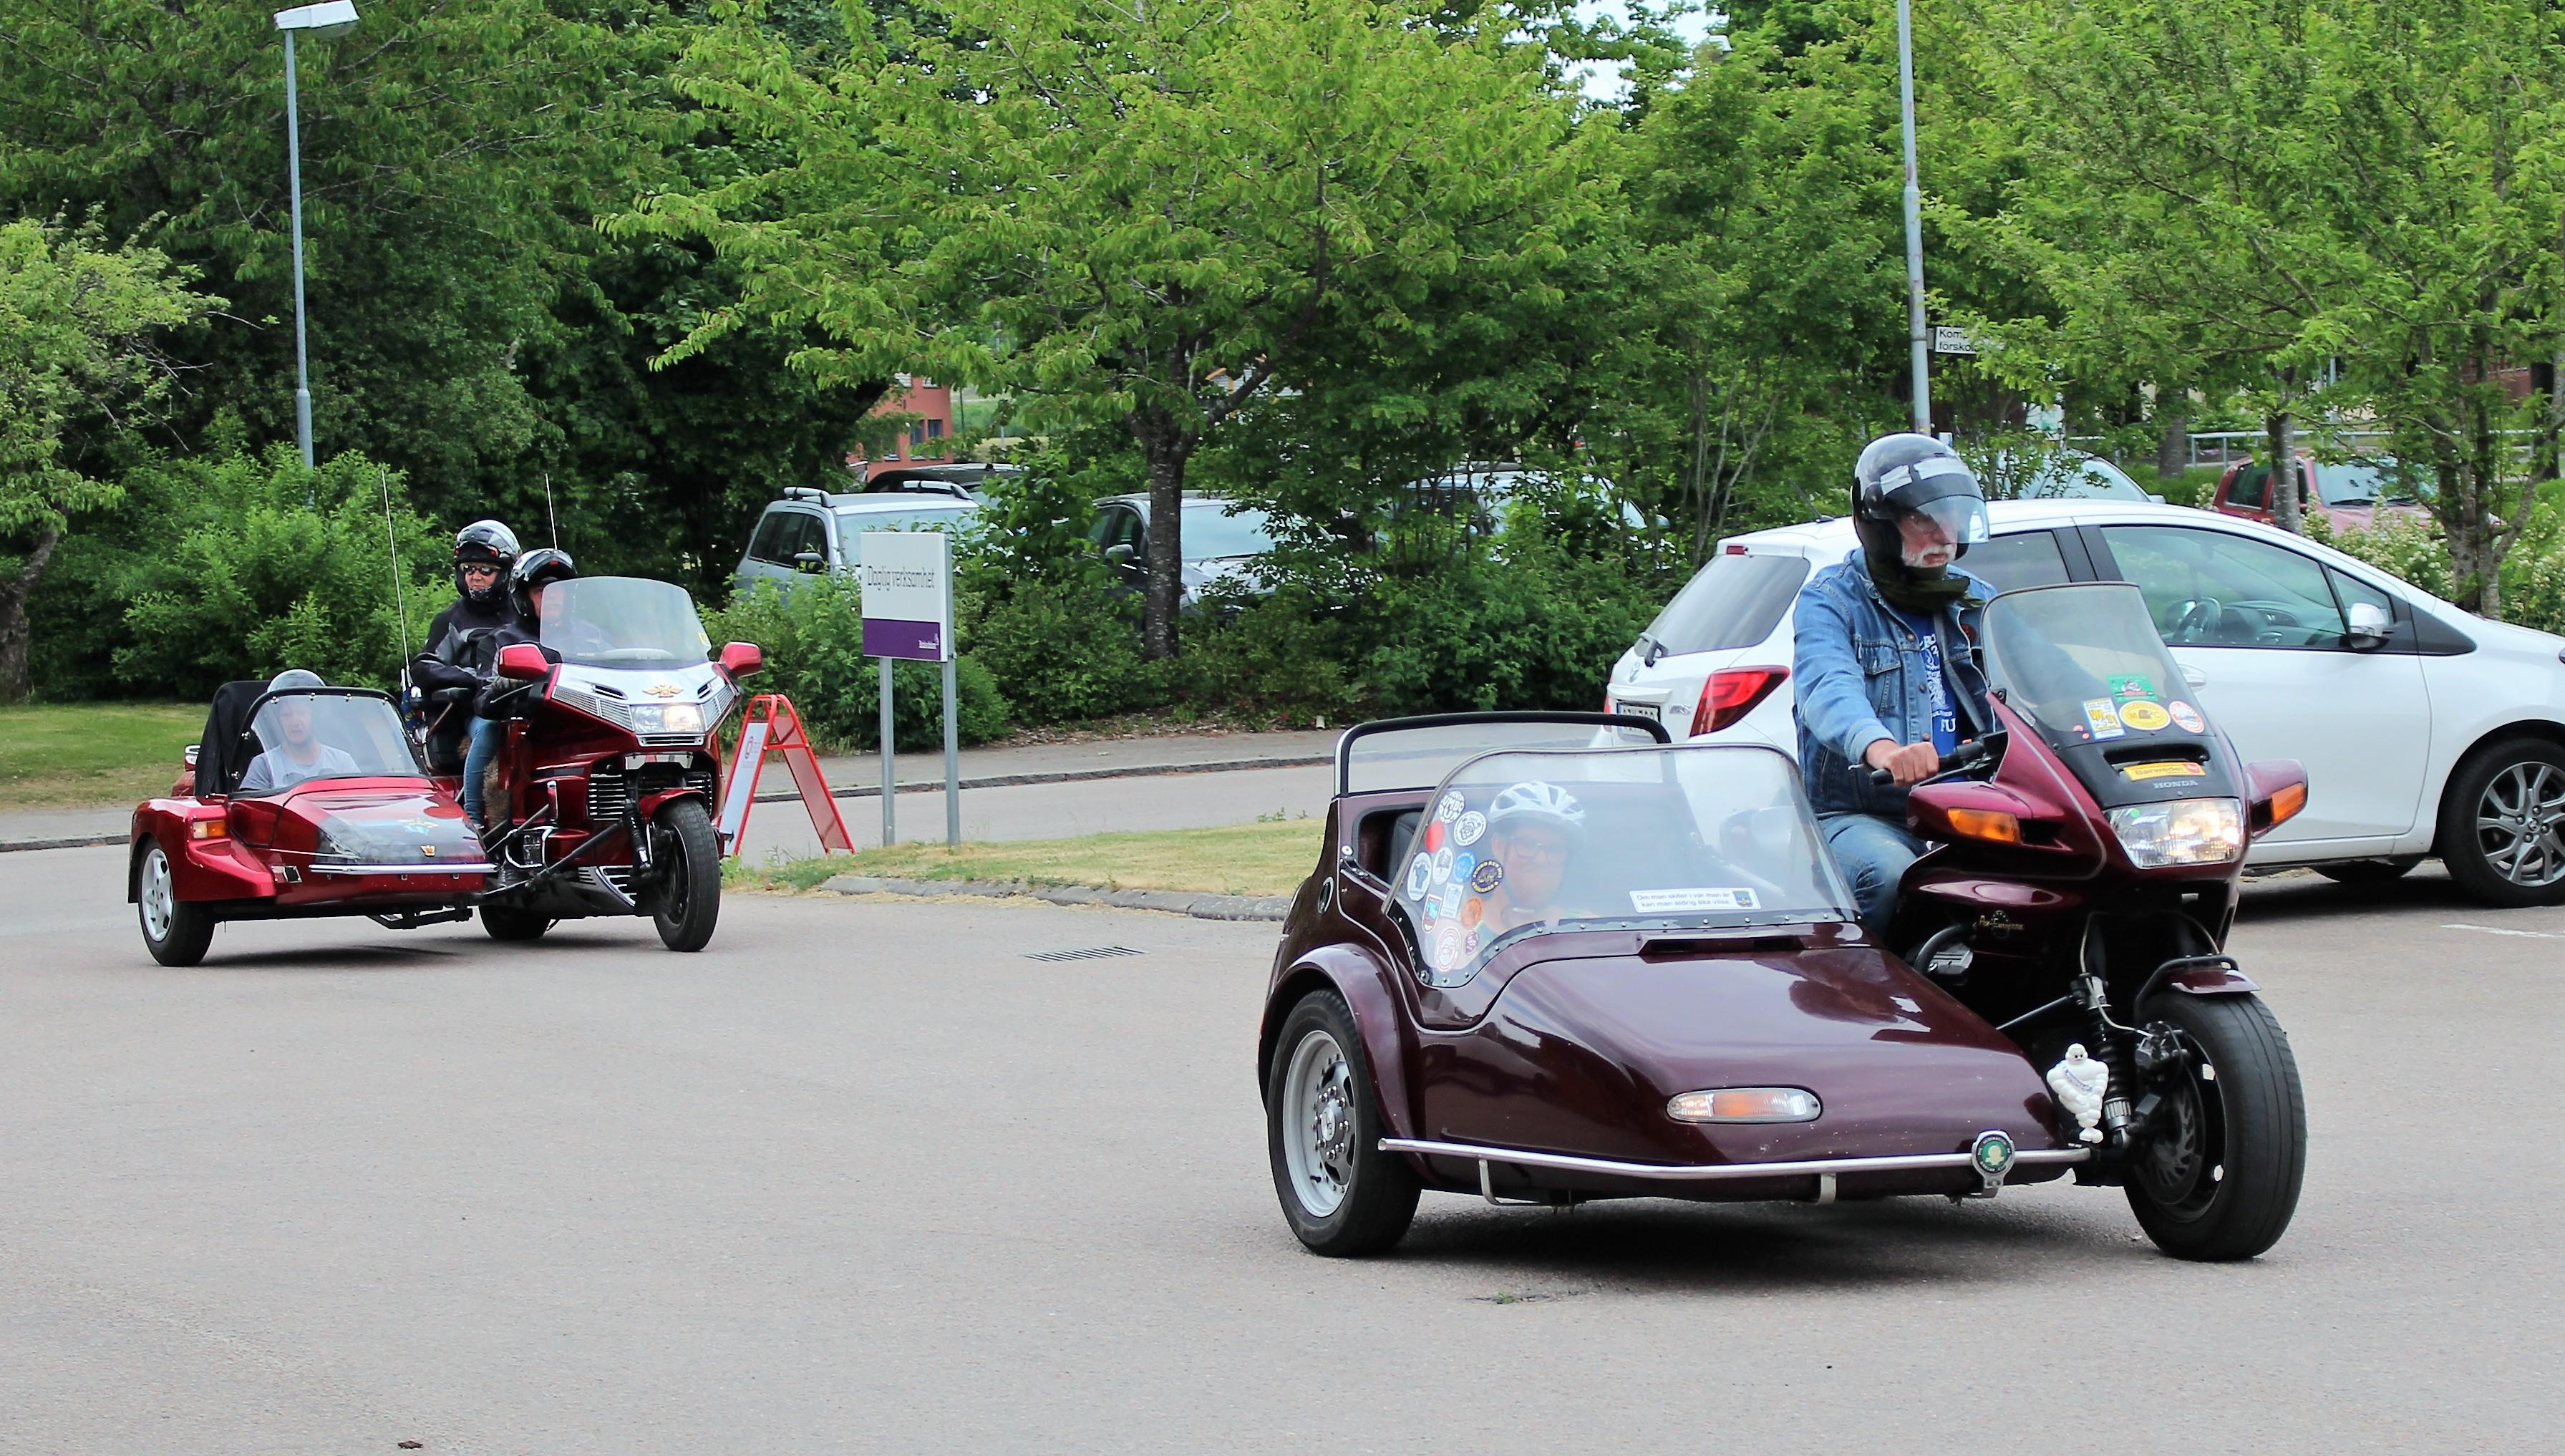 Motorcyklar på väg tillbaka